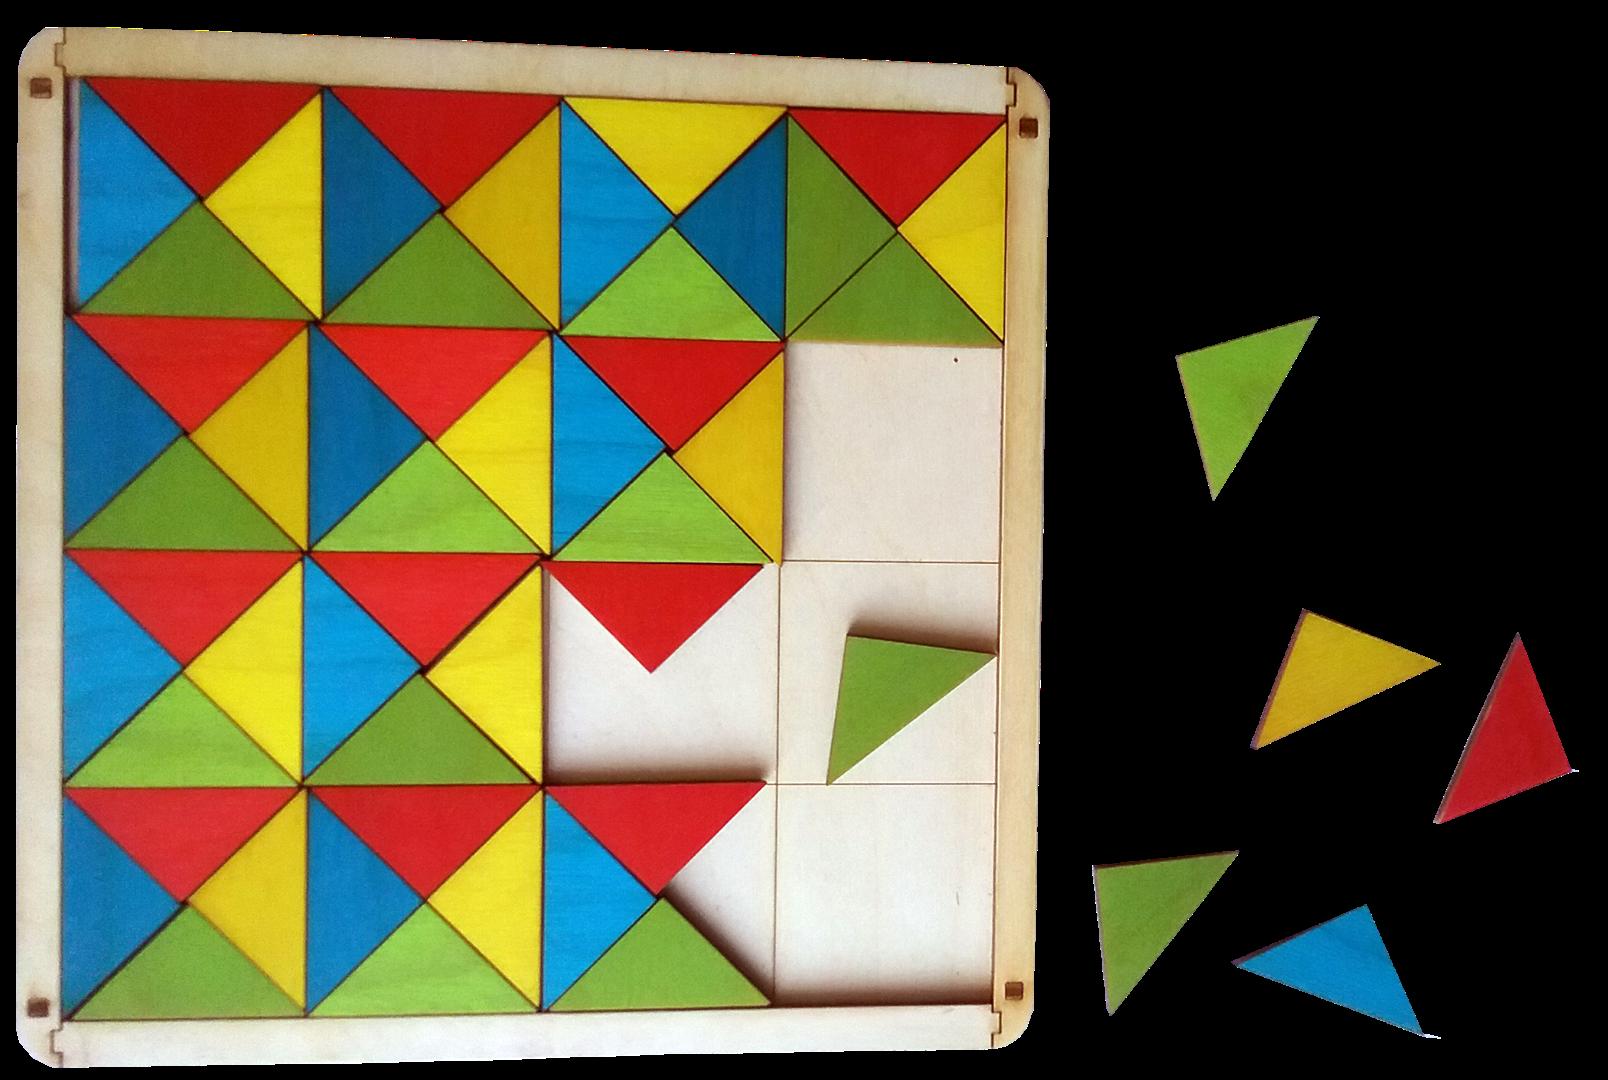 Četru dažādu krāsu trīsstūri (kopskaitā 64 gab.) un pamatne to ievietošanai. Paredzēta loģiskās un aritmētiskās domāšanas attīstīšanai.  Izmantojot krāsu kombinācijas iespējams veidot lielu skaitu dažādu simetrisku, asimetrisku formu un figūru attēlus.